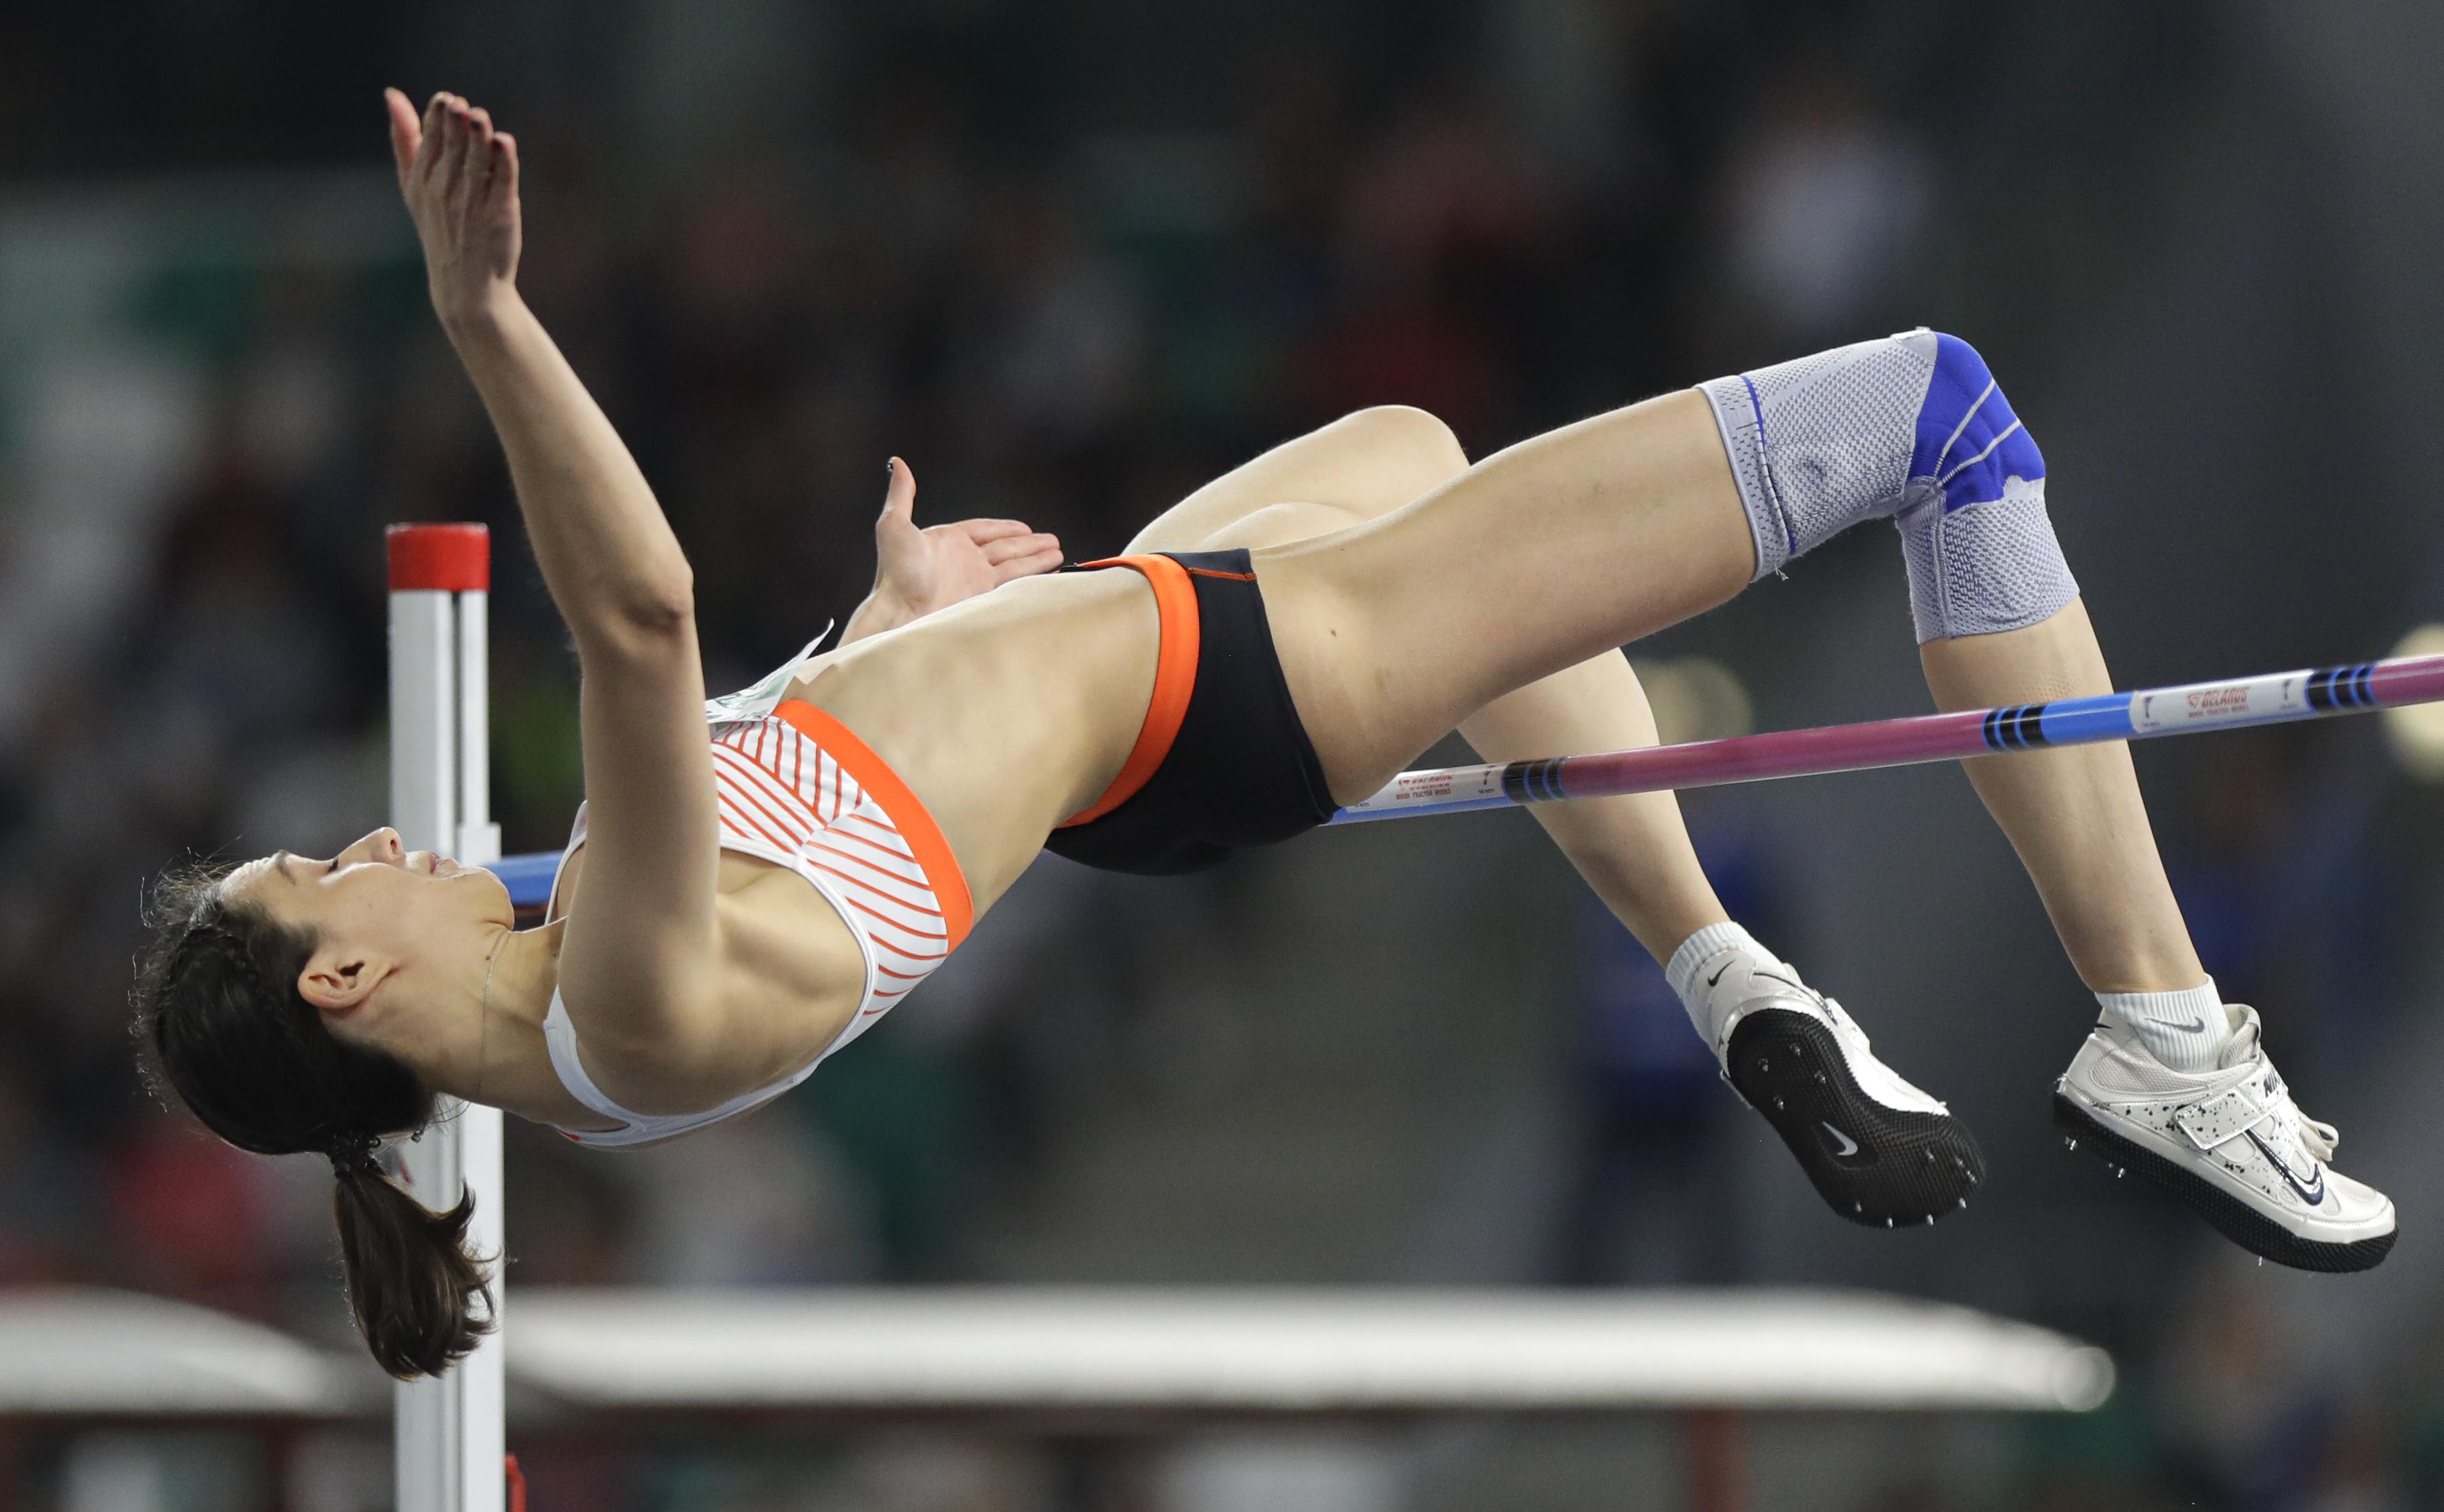 Трехкратная чемпионка мира по прыжкам в высоту Мария Ласицкене будет соревноваться в Токио после отстранения от участия в Играх 2016 года как одна из 10 российских легкоатлеток.